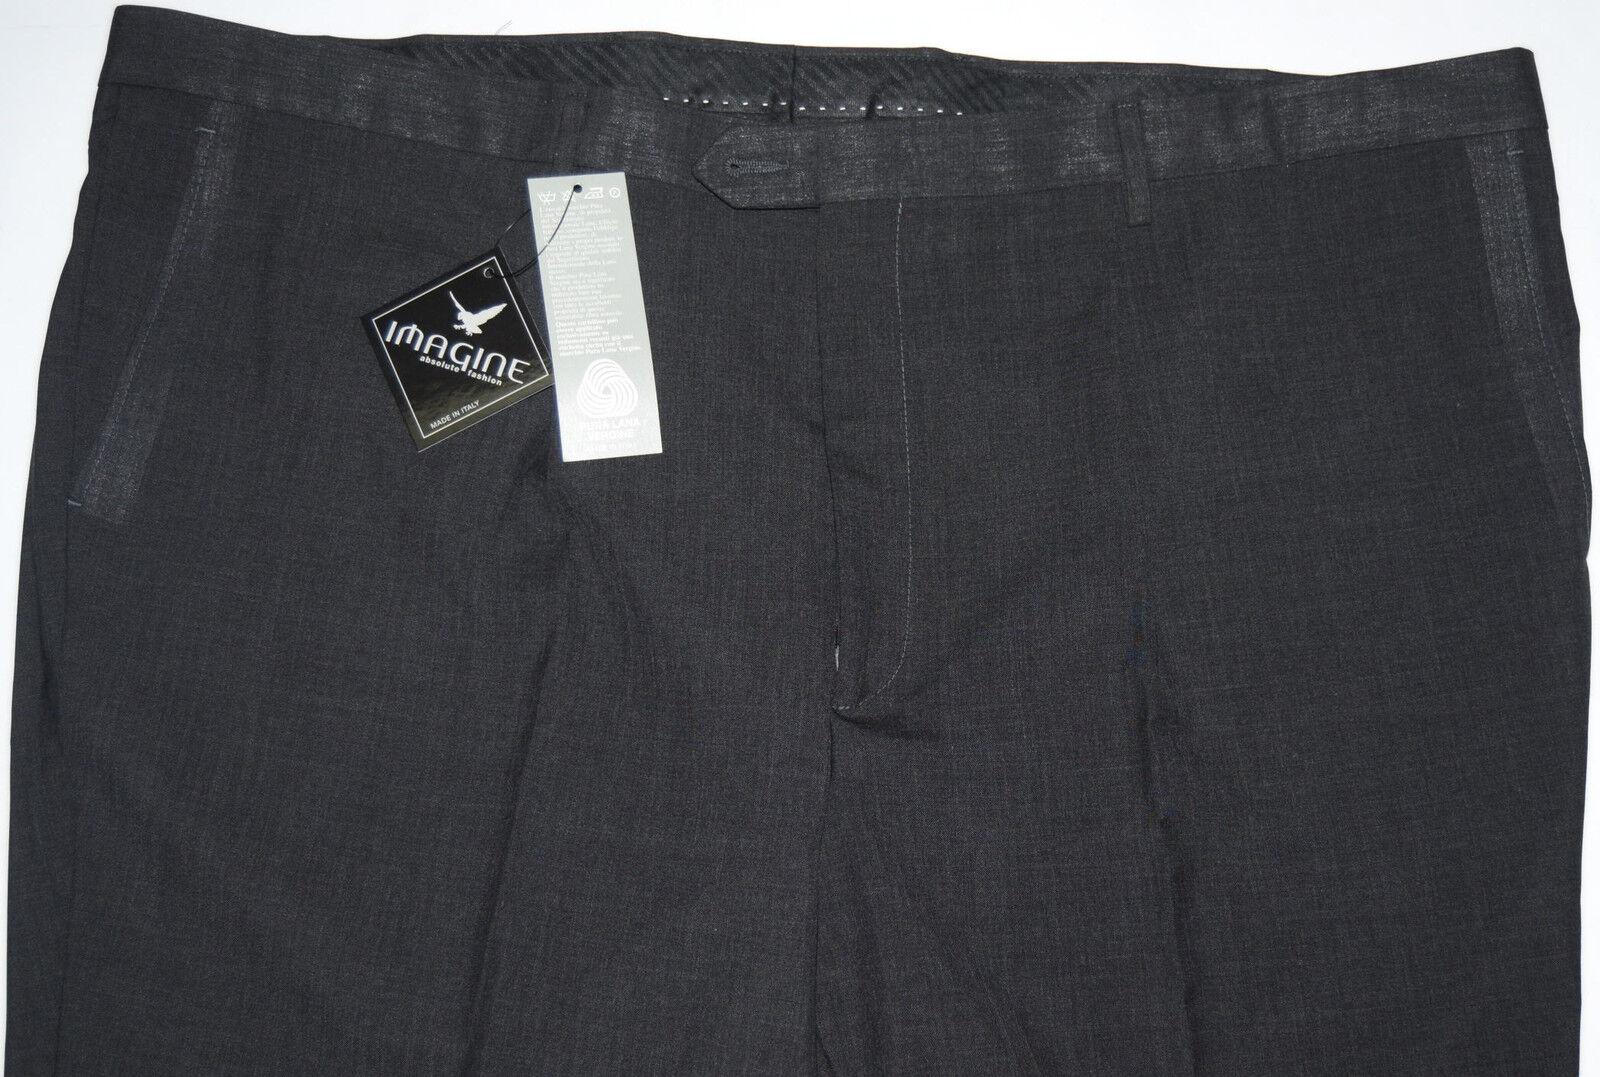 Pantalone uomo taglie forti classico fresco lana lana lana dalla 53 alla 75 grigio scuro 487b6f